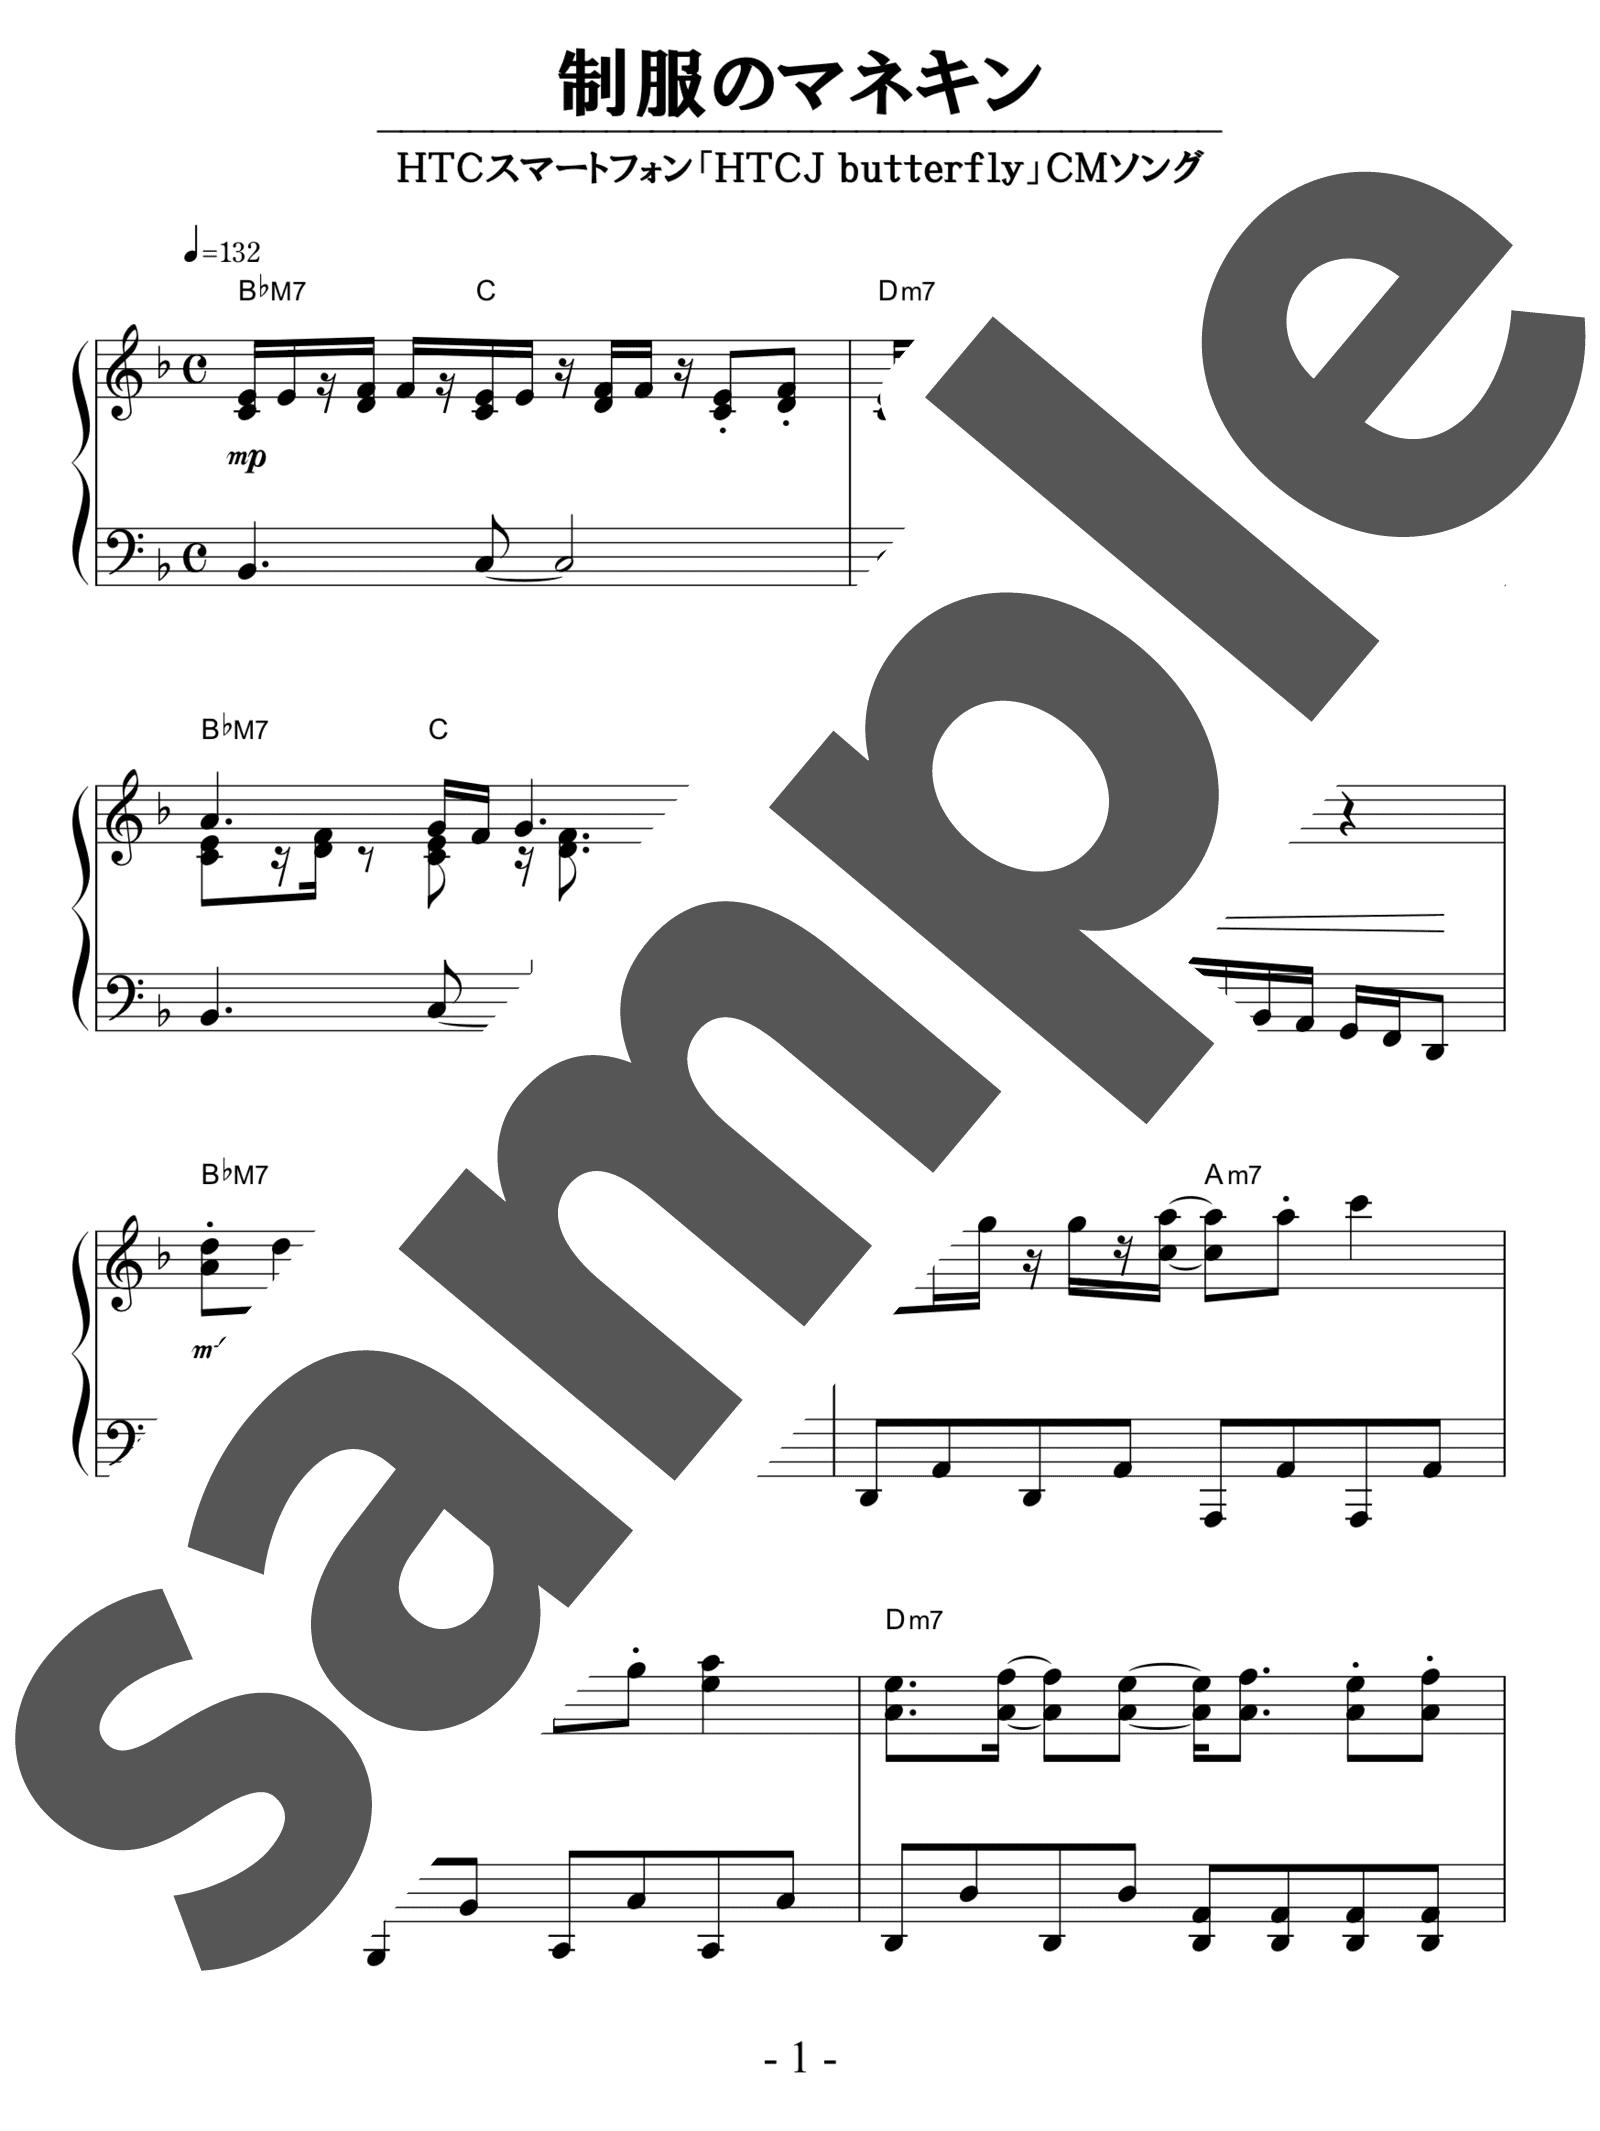 「制服のマネキン」のサンプル楽譜